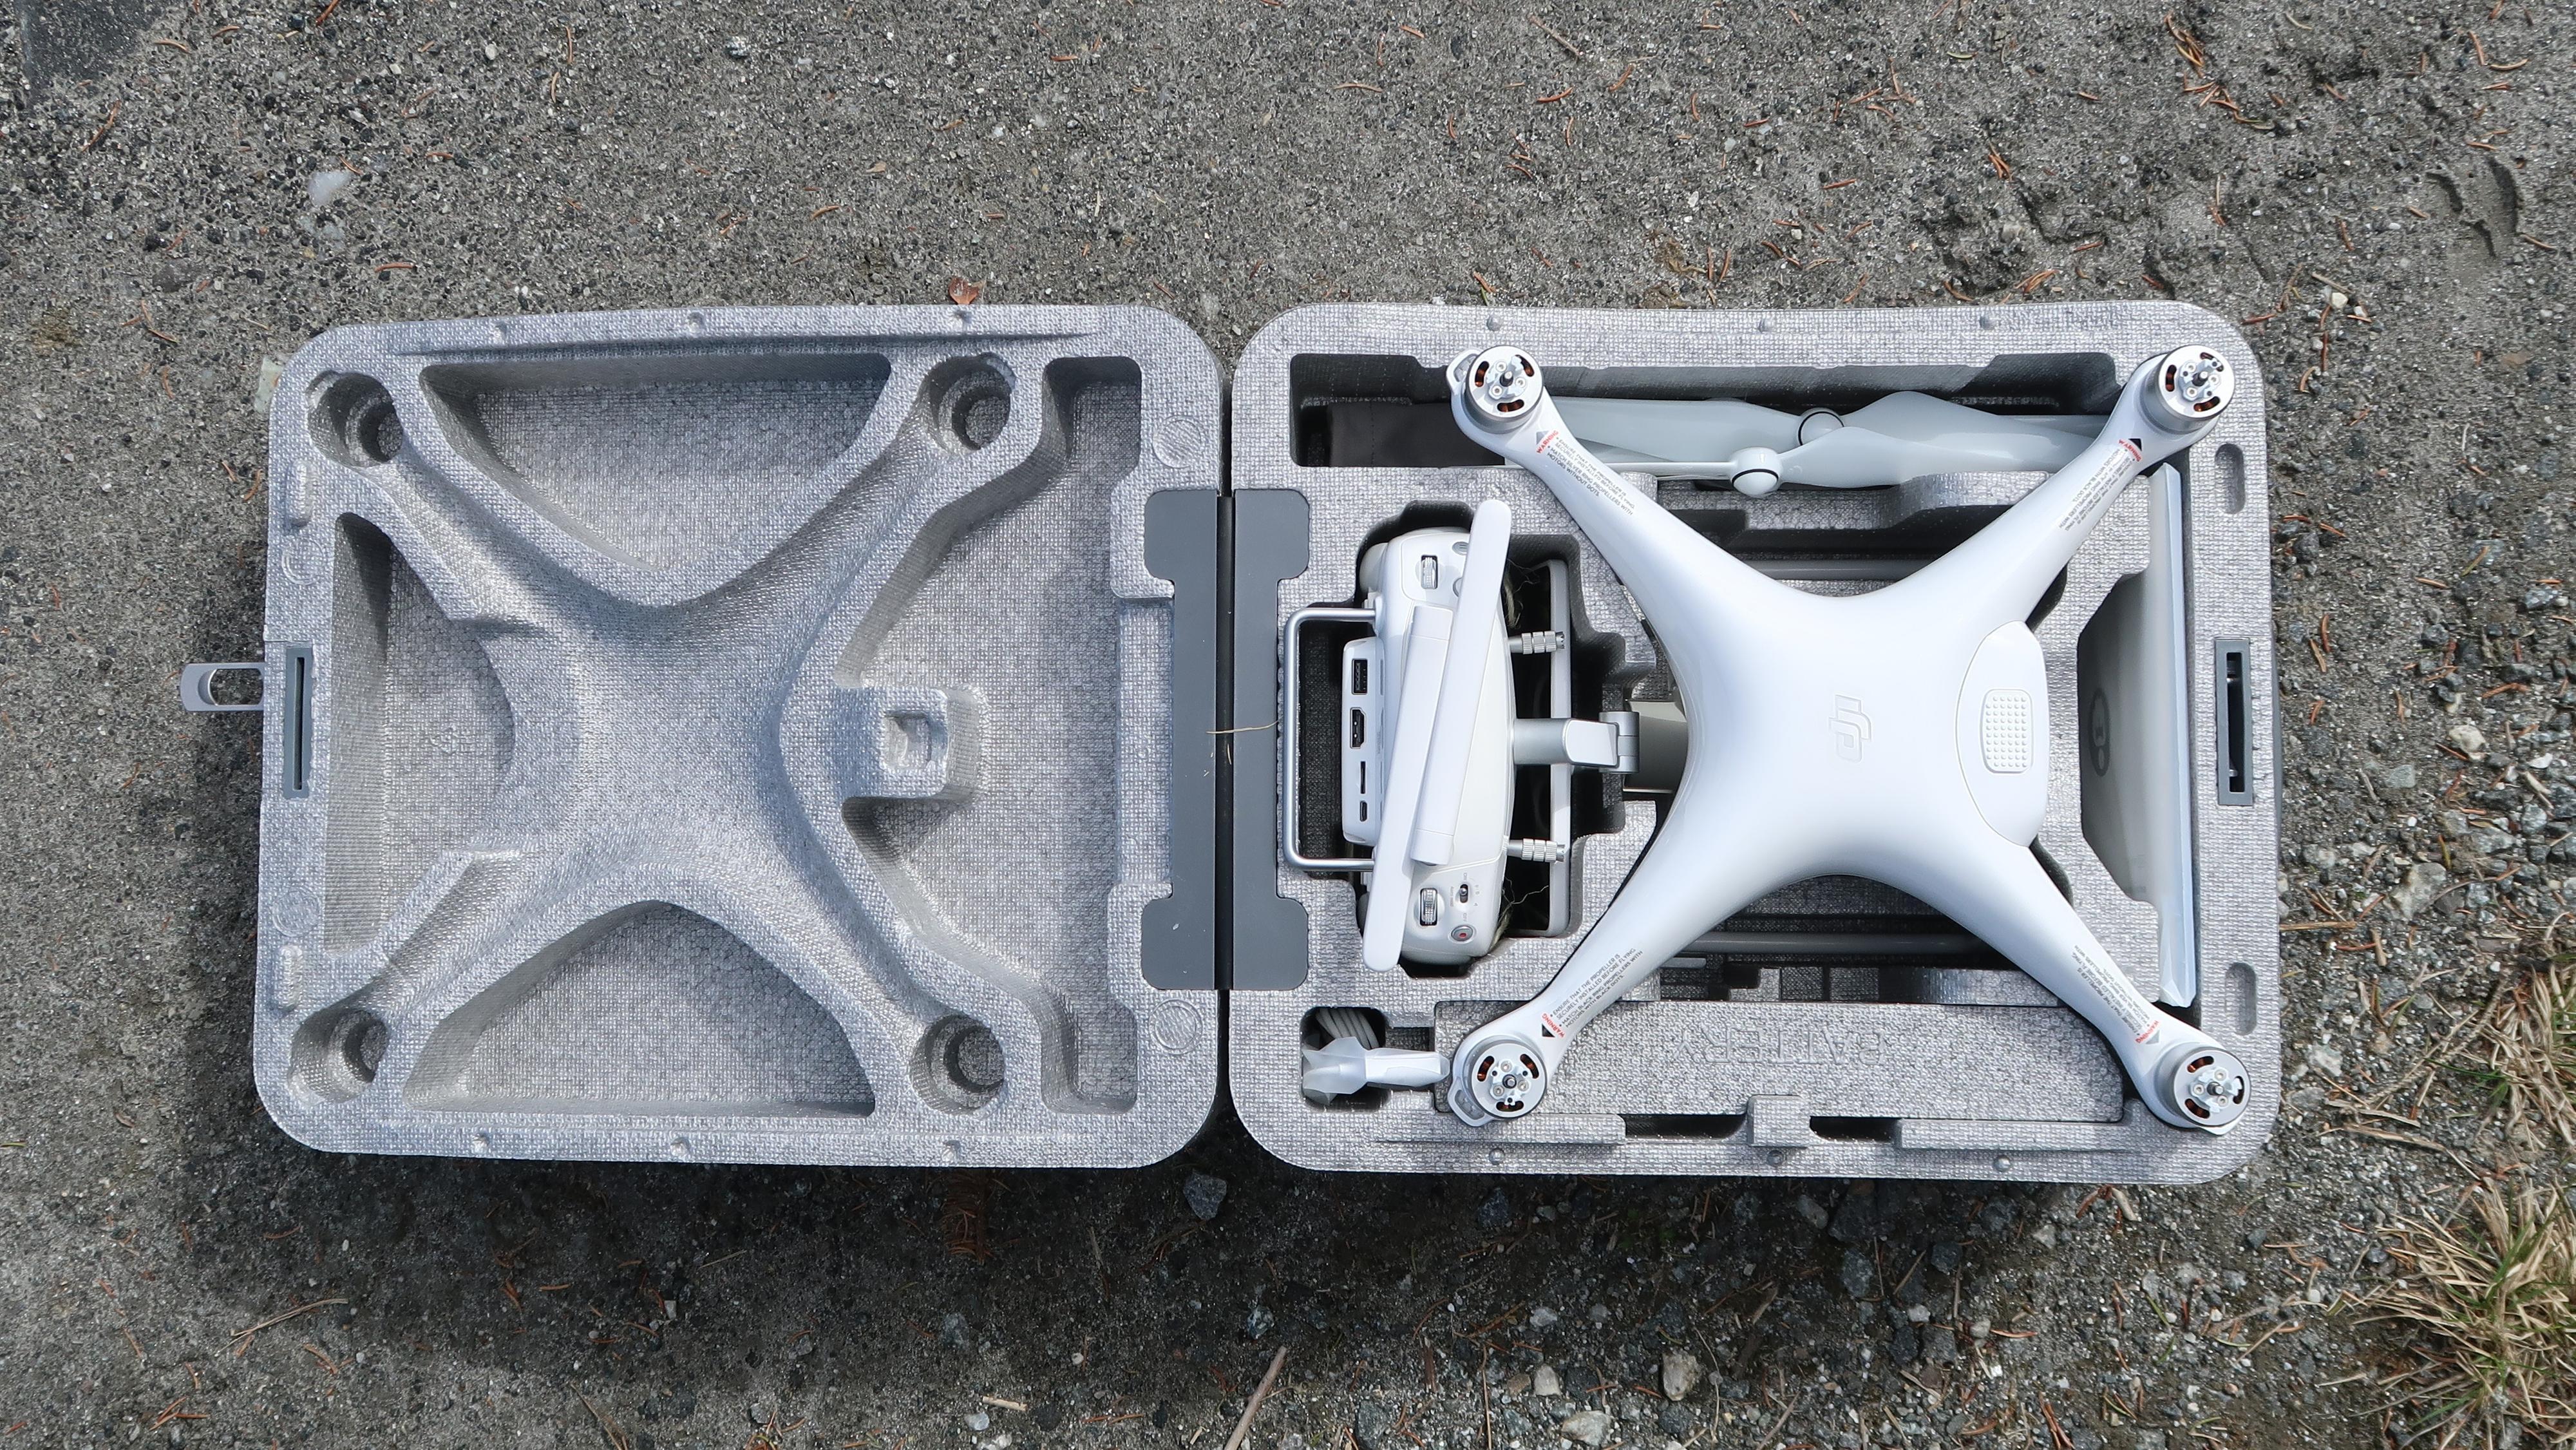 Som tidligere kommer dronen levert i en hendig isopor-koffert med plass til dronen, kontrolleren, ekstra propeller, batterier, lader og et lite nettbrett.